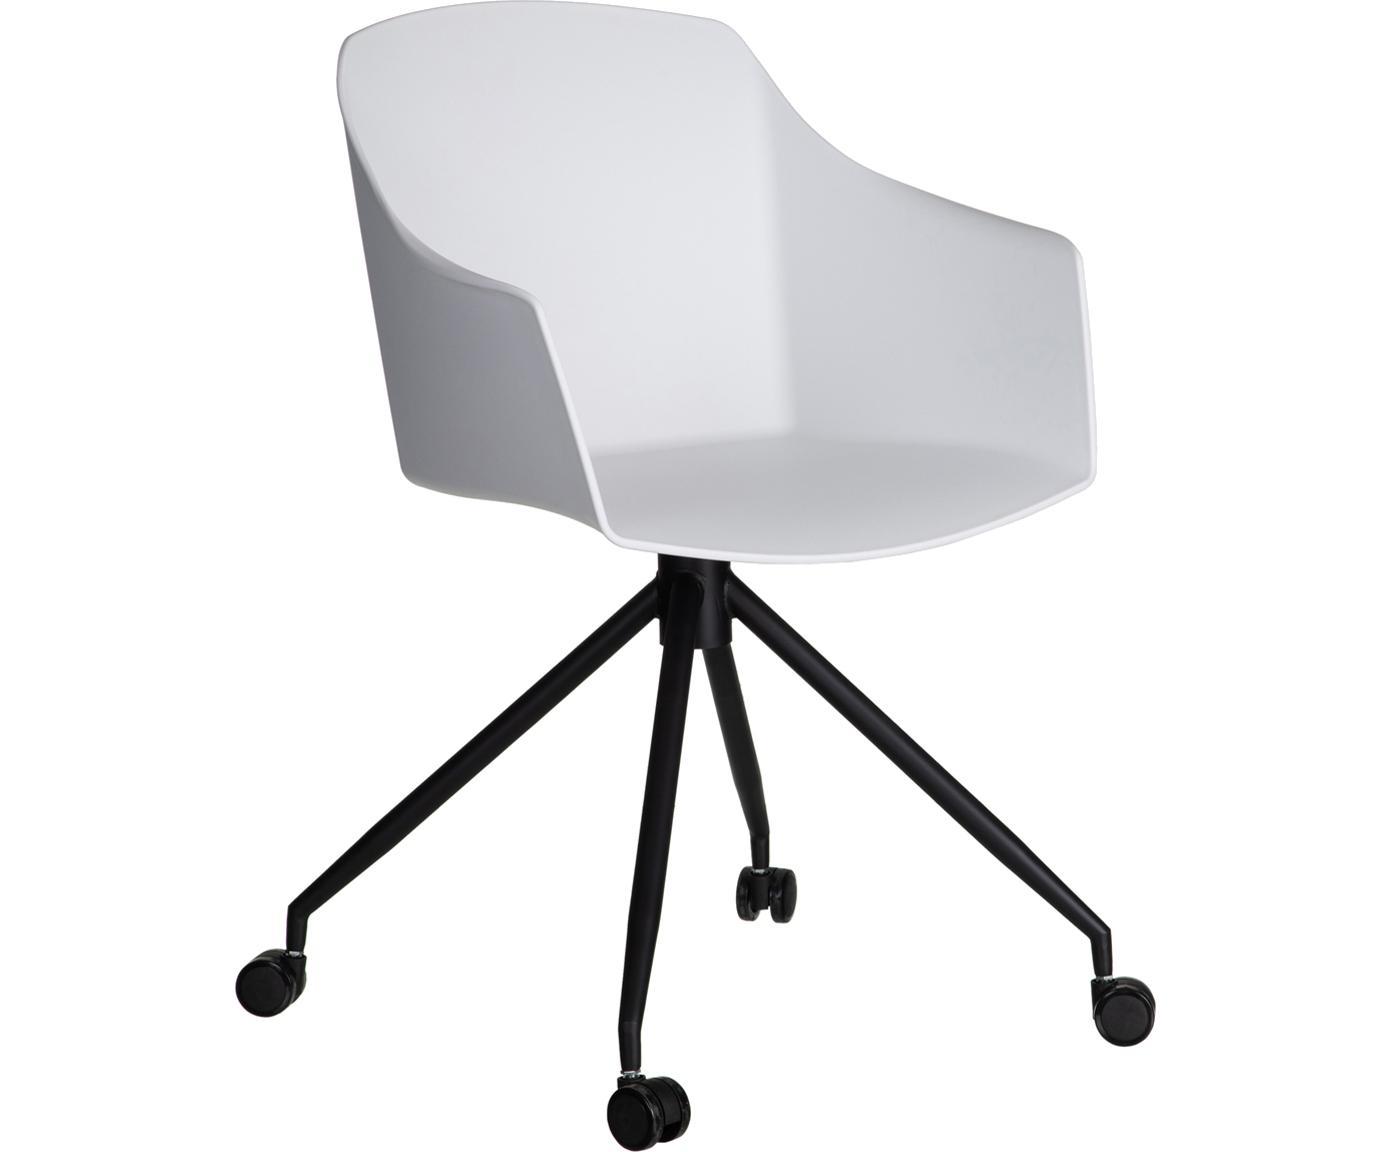 Krzesło biurowe na kółkach Valenzia, Poliuretan, metal, Biały, czarny, S 56 x G 54 cm